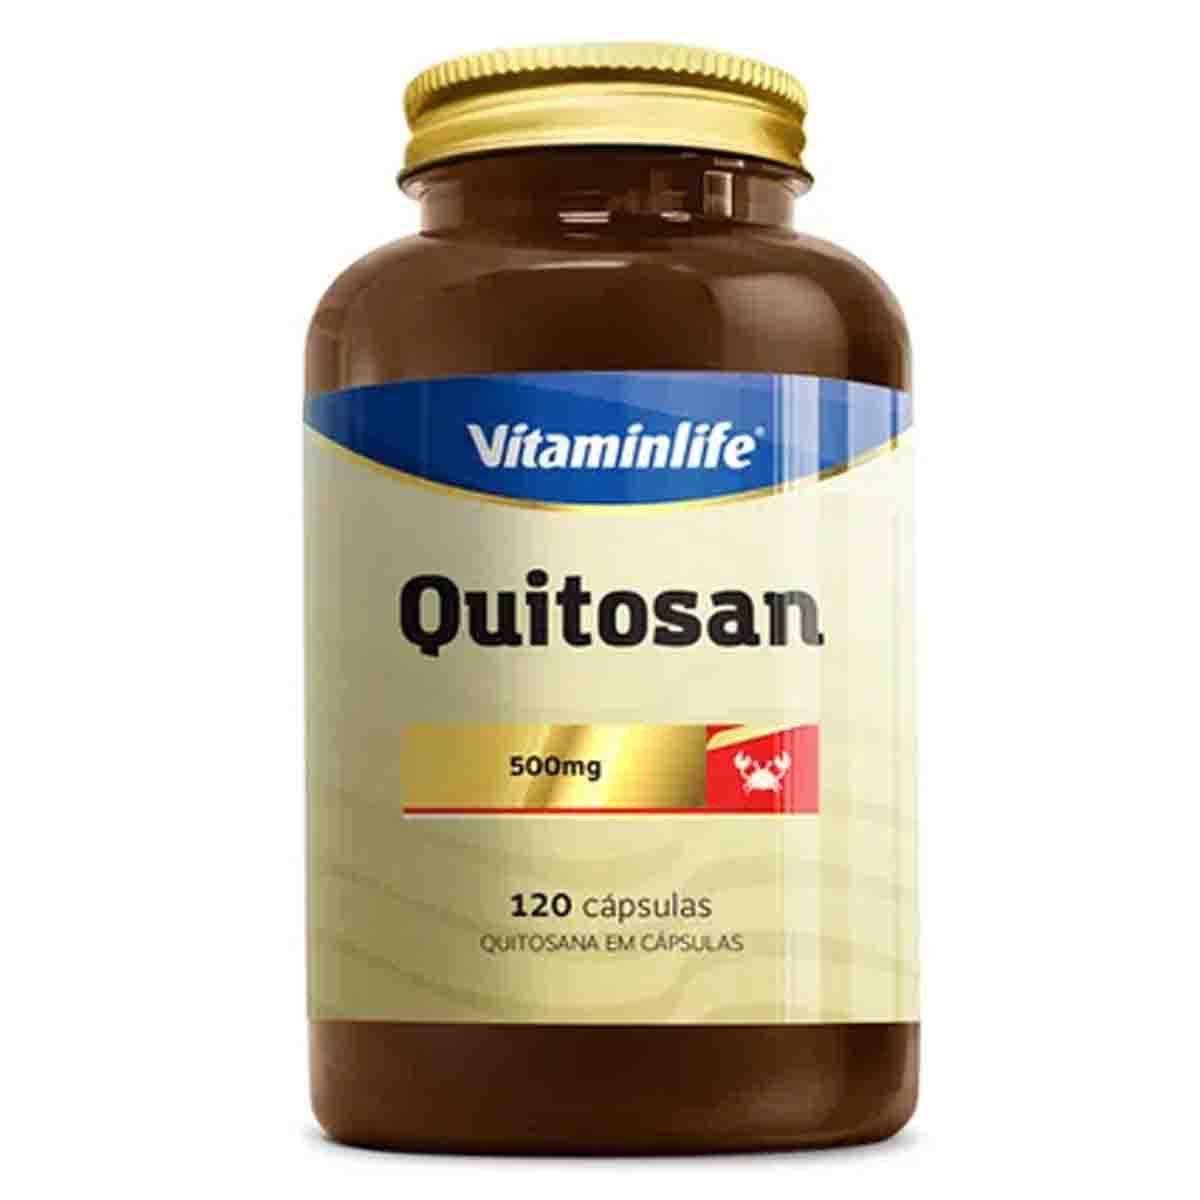 Quitosana 120 Cápsulas - Vitamin Life